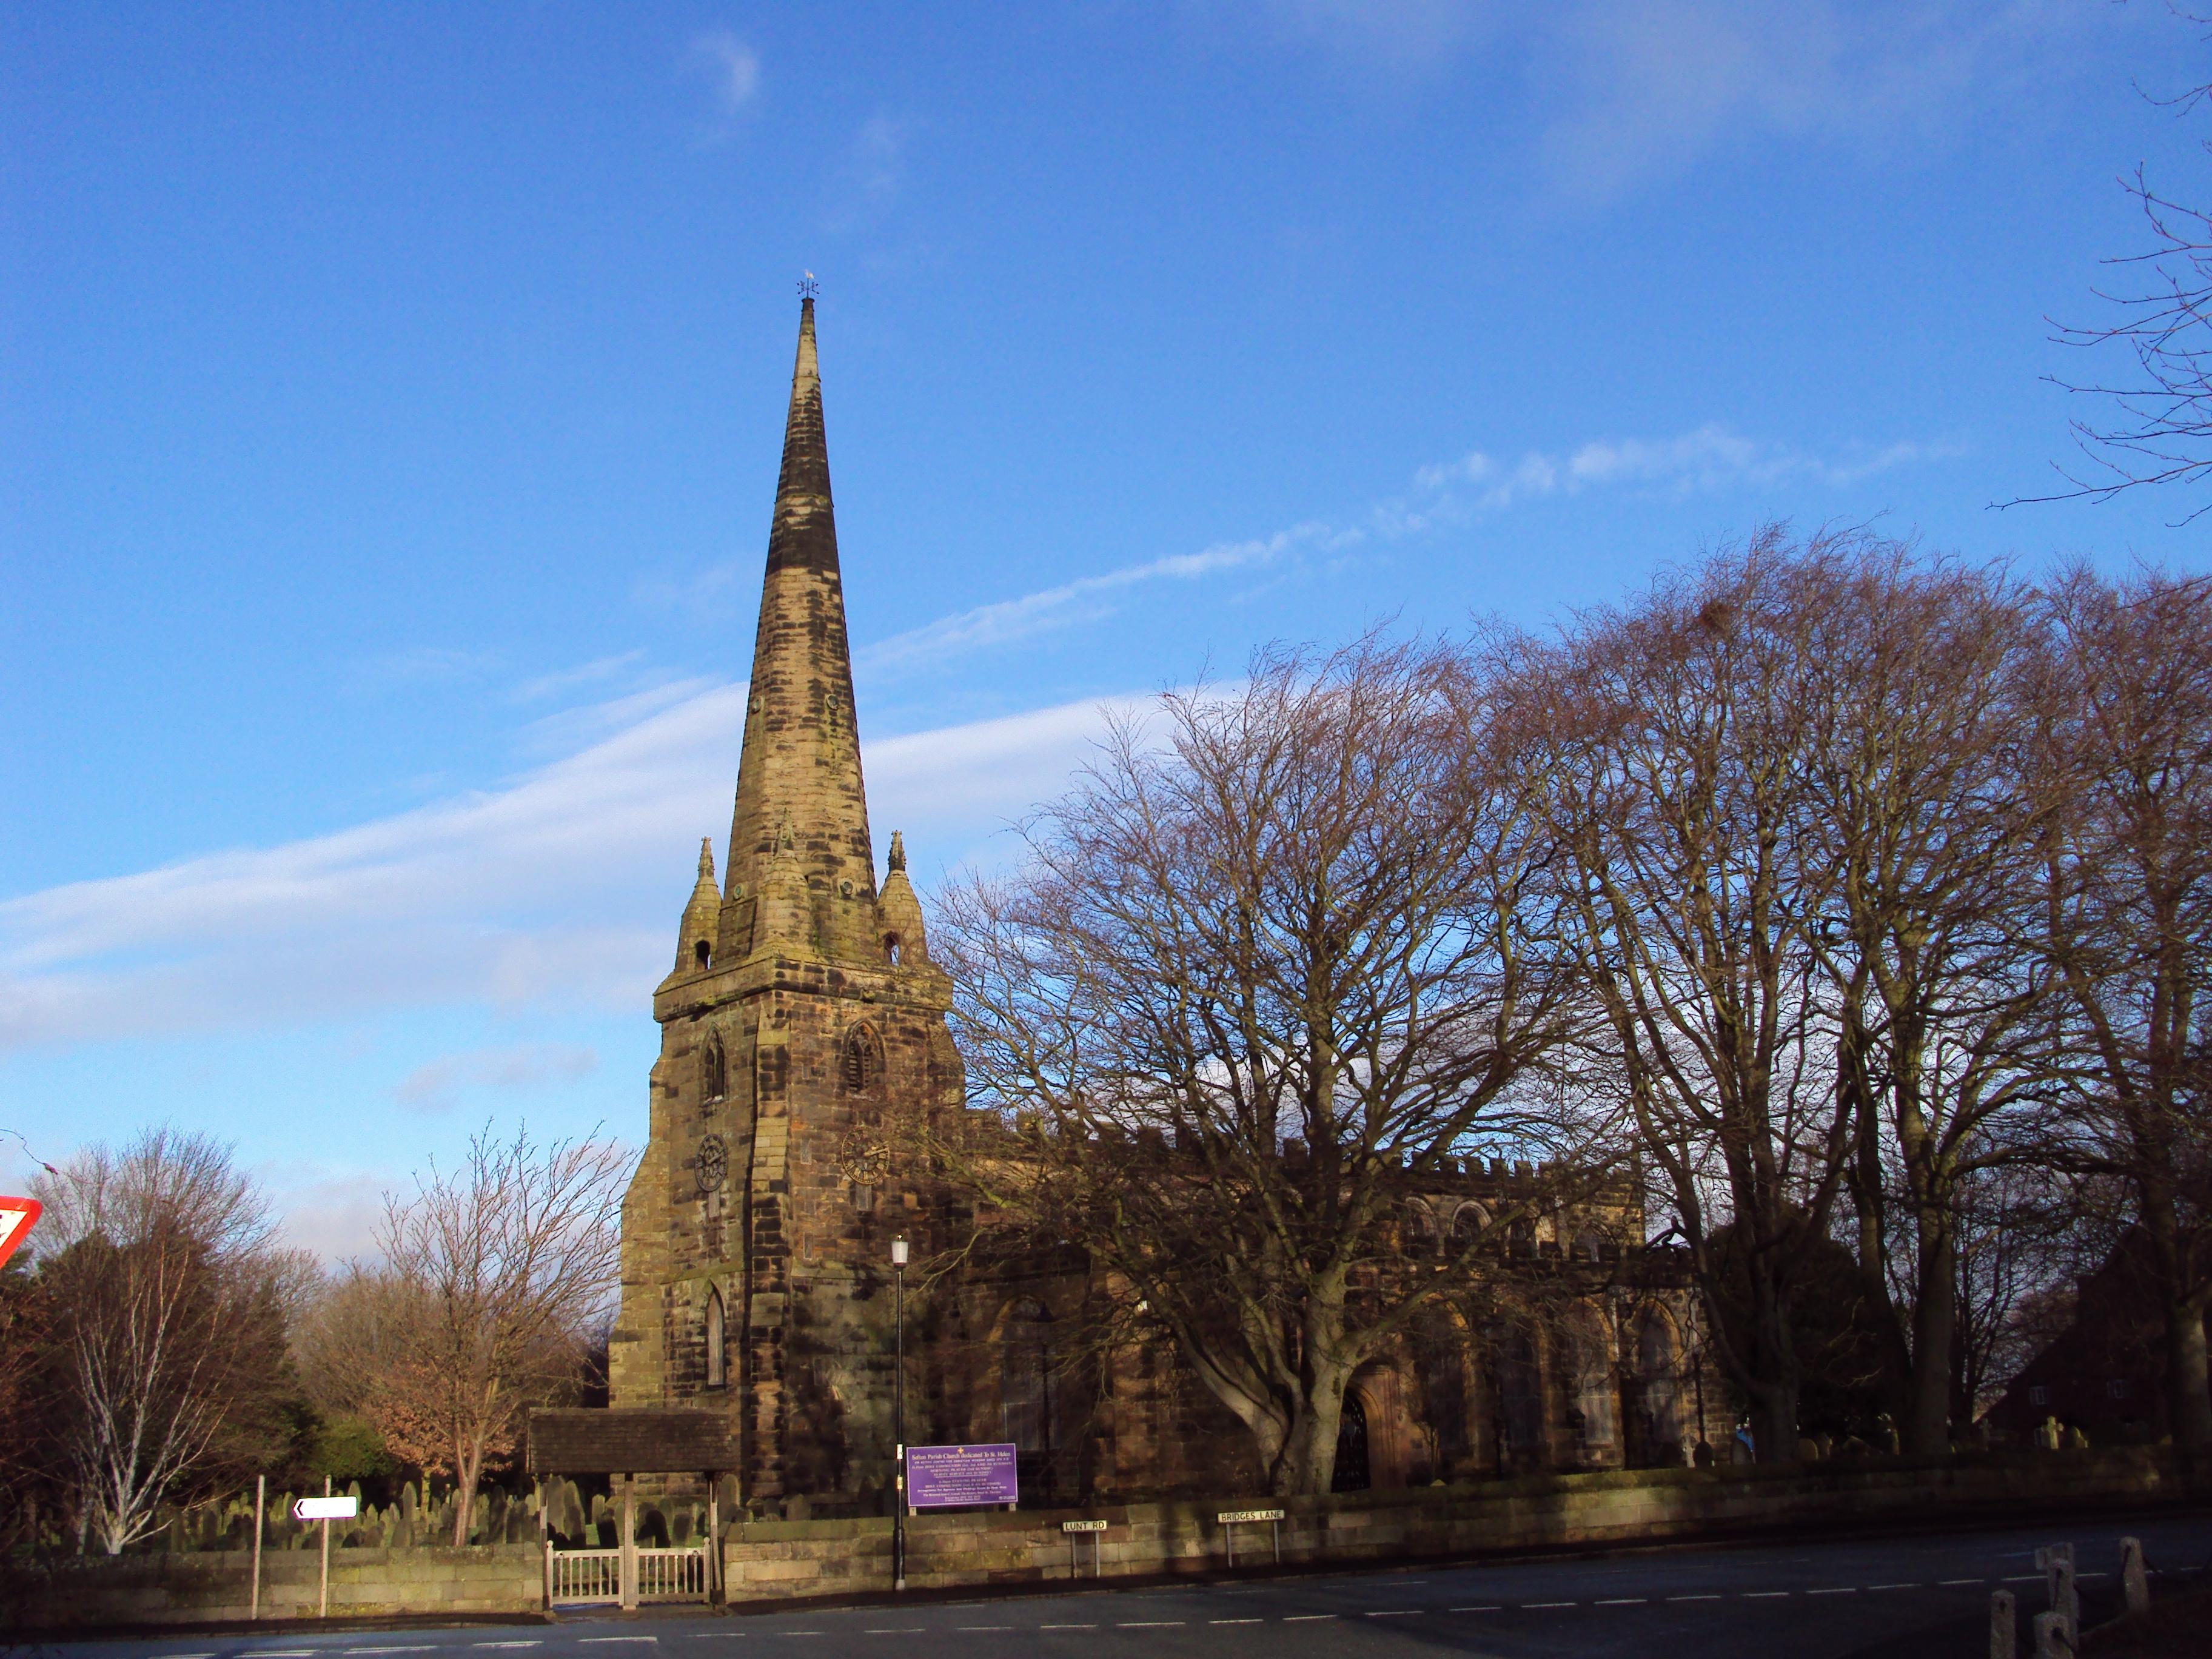 Sefton (Merseyside)